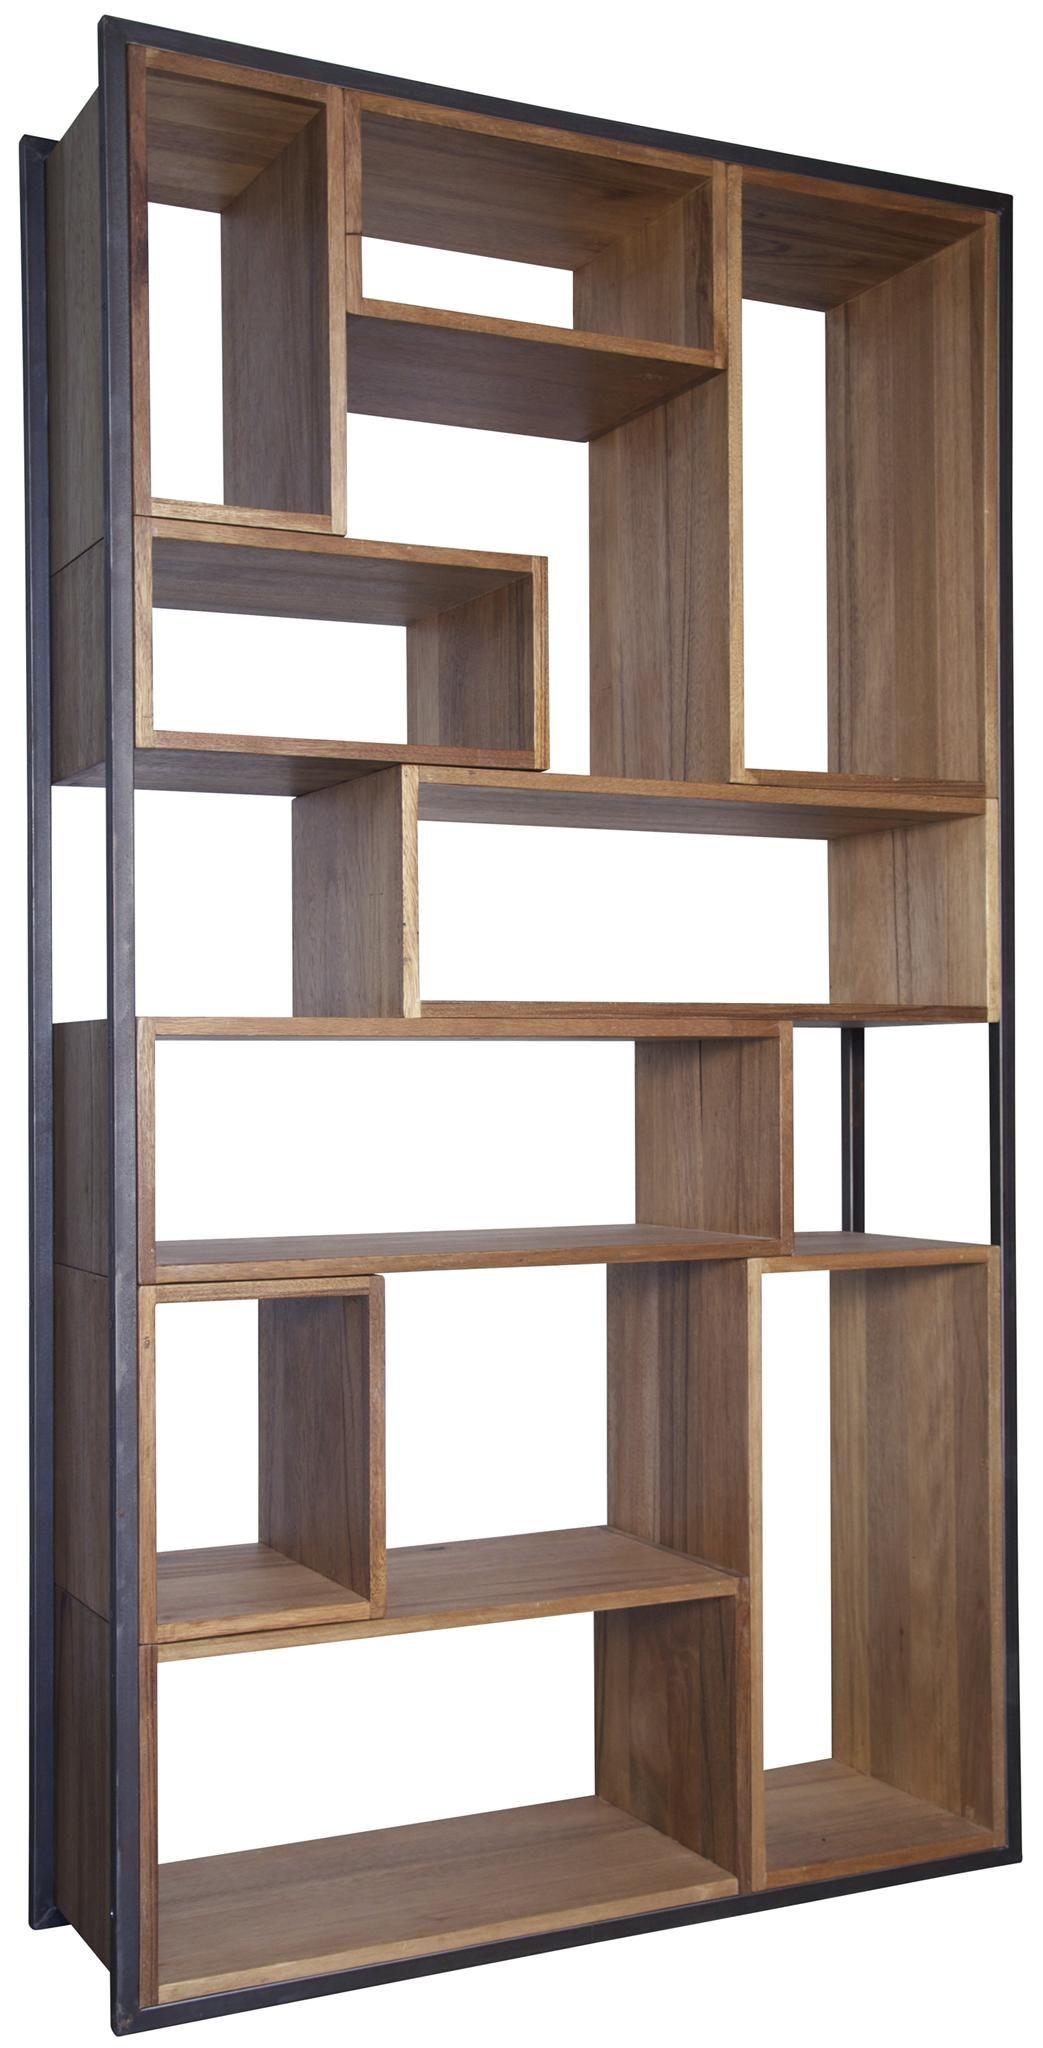 bauhaus kast - Bauhaus | Pinterest - Bauhaus, Kast en Kasten